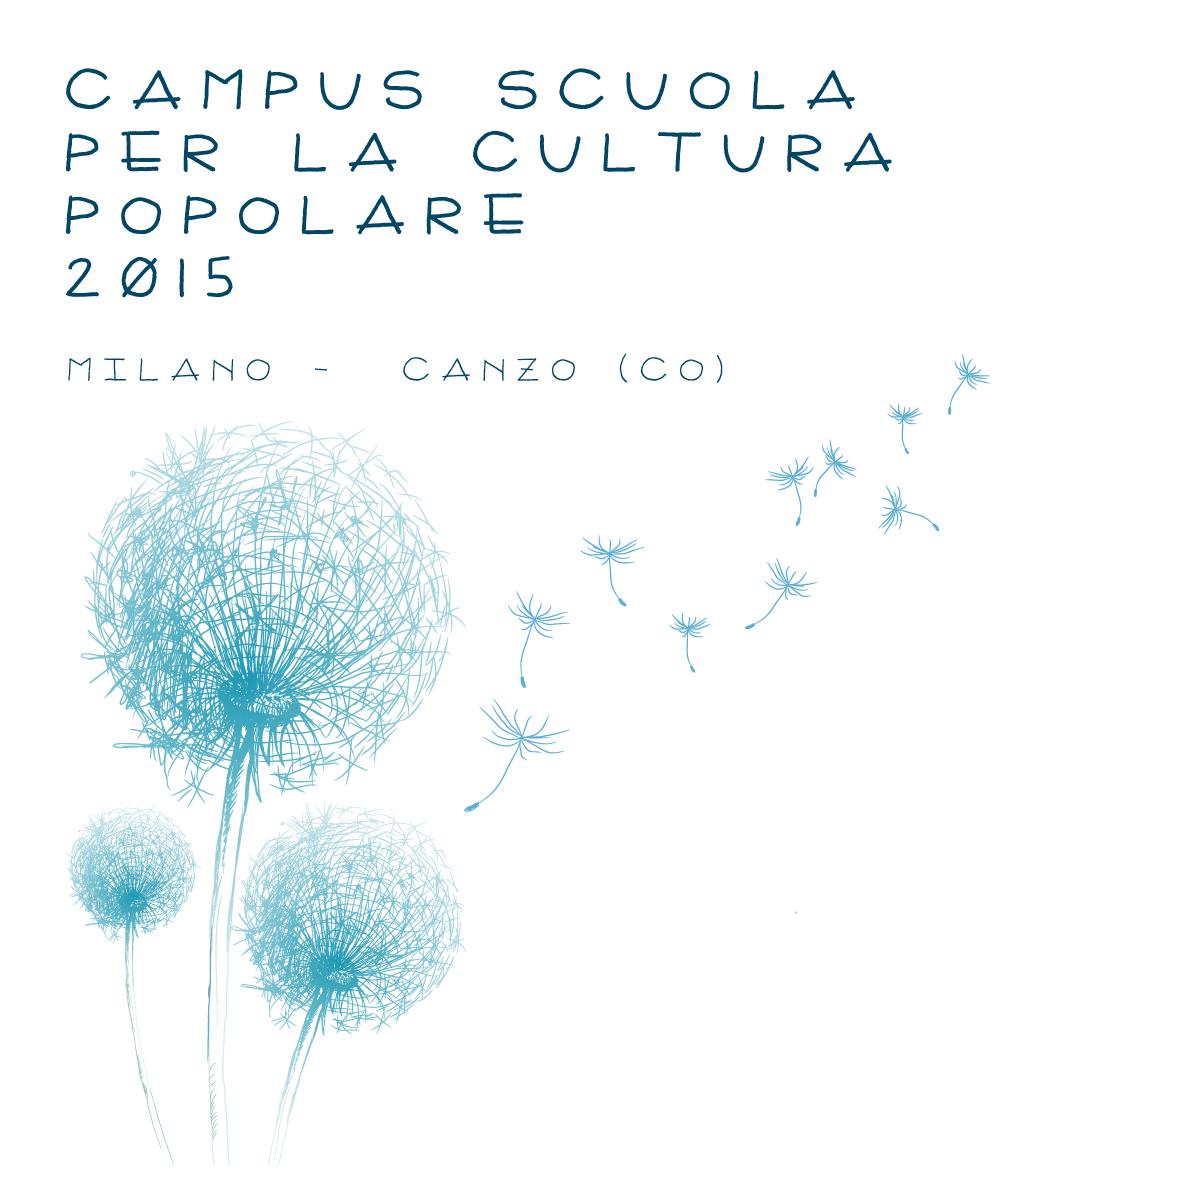 Campus 15 imm